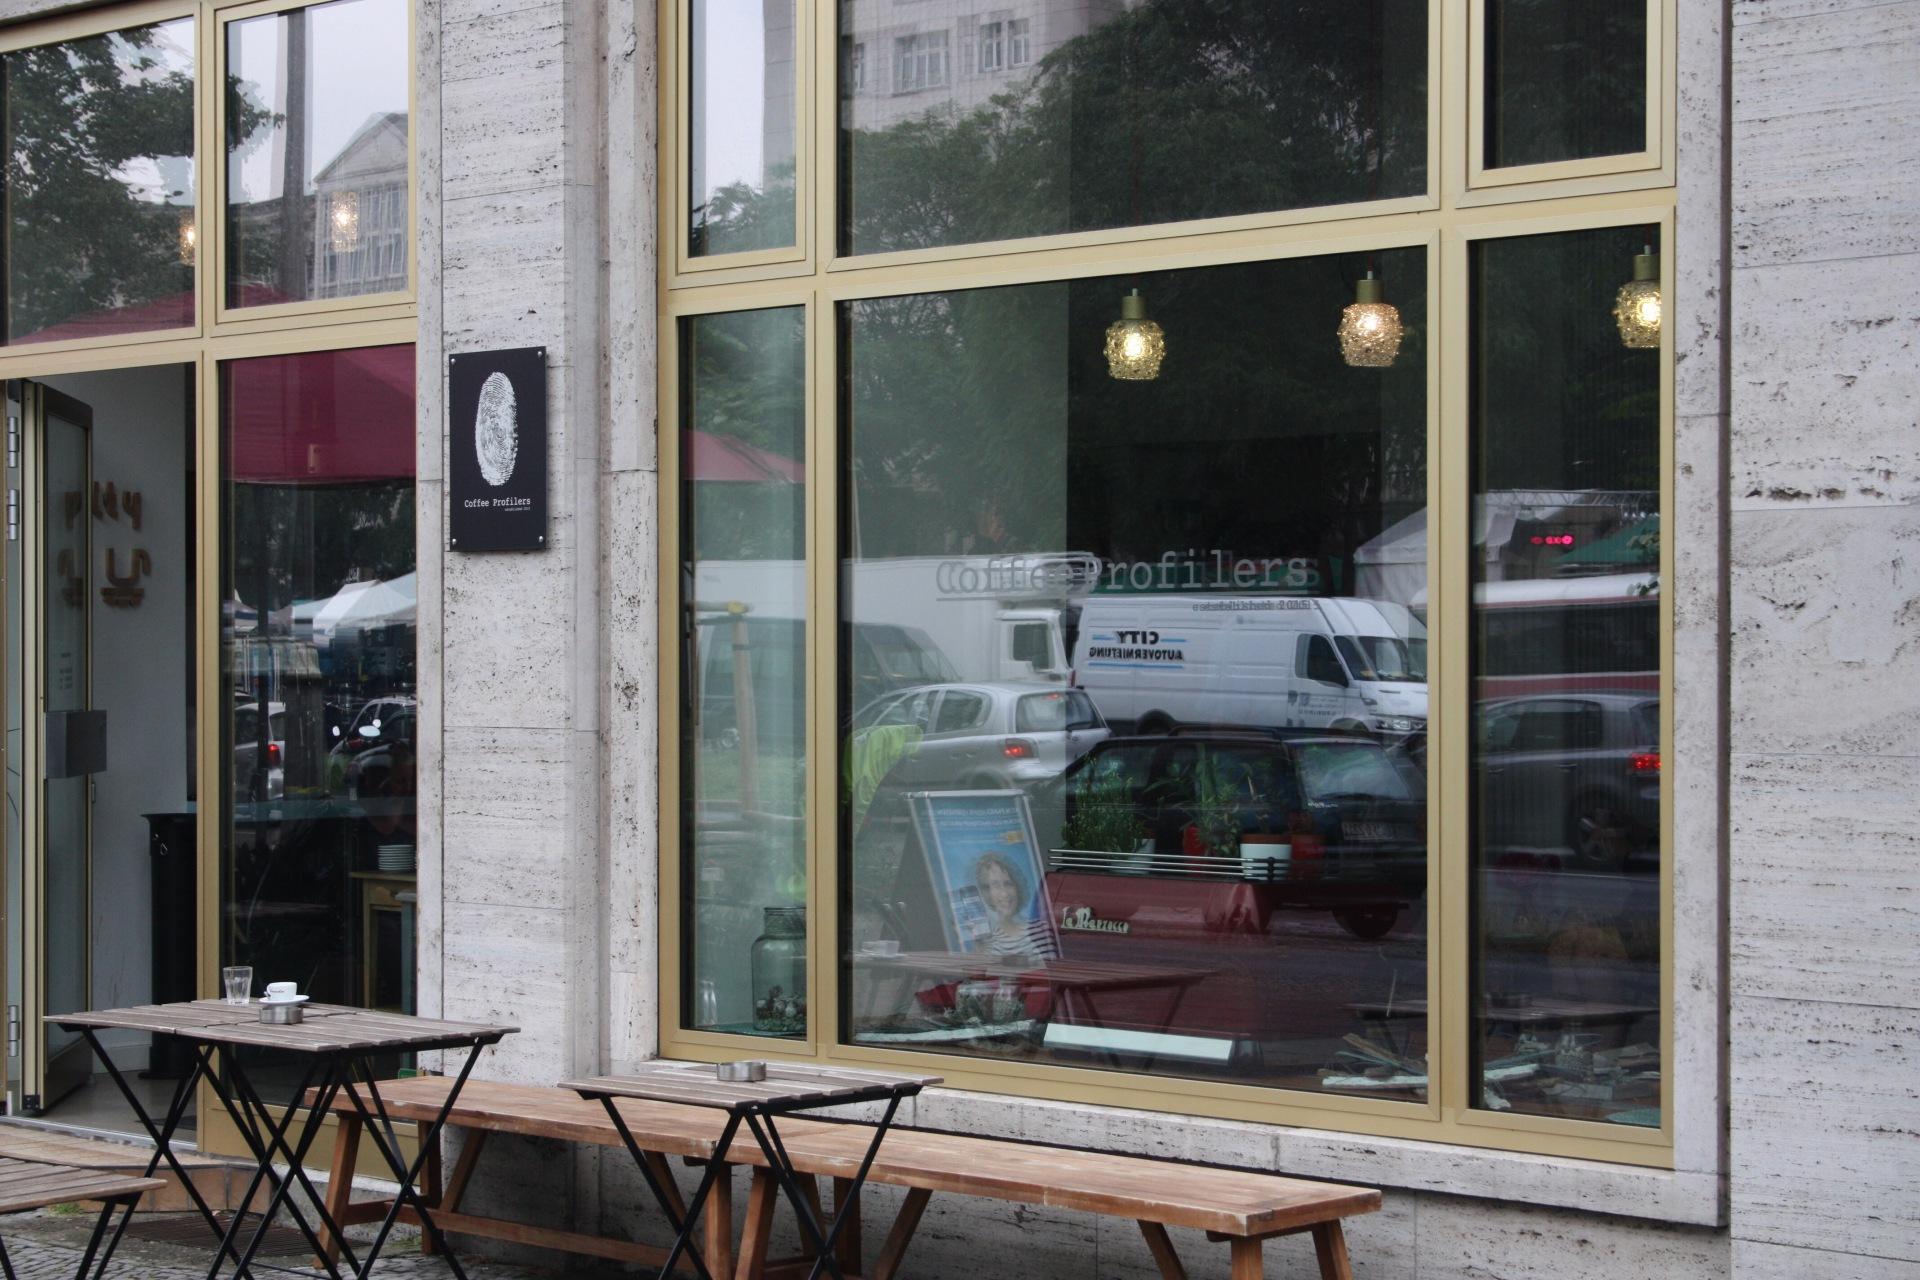 Craft Coffee in Berlin Coffee Profilers